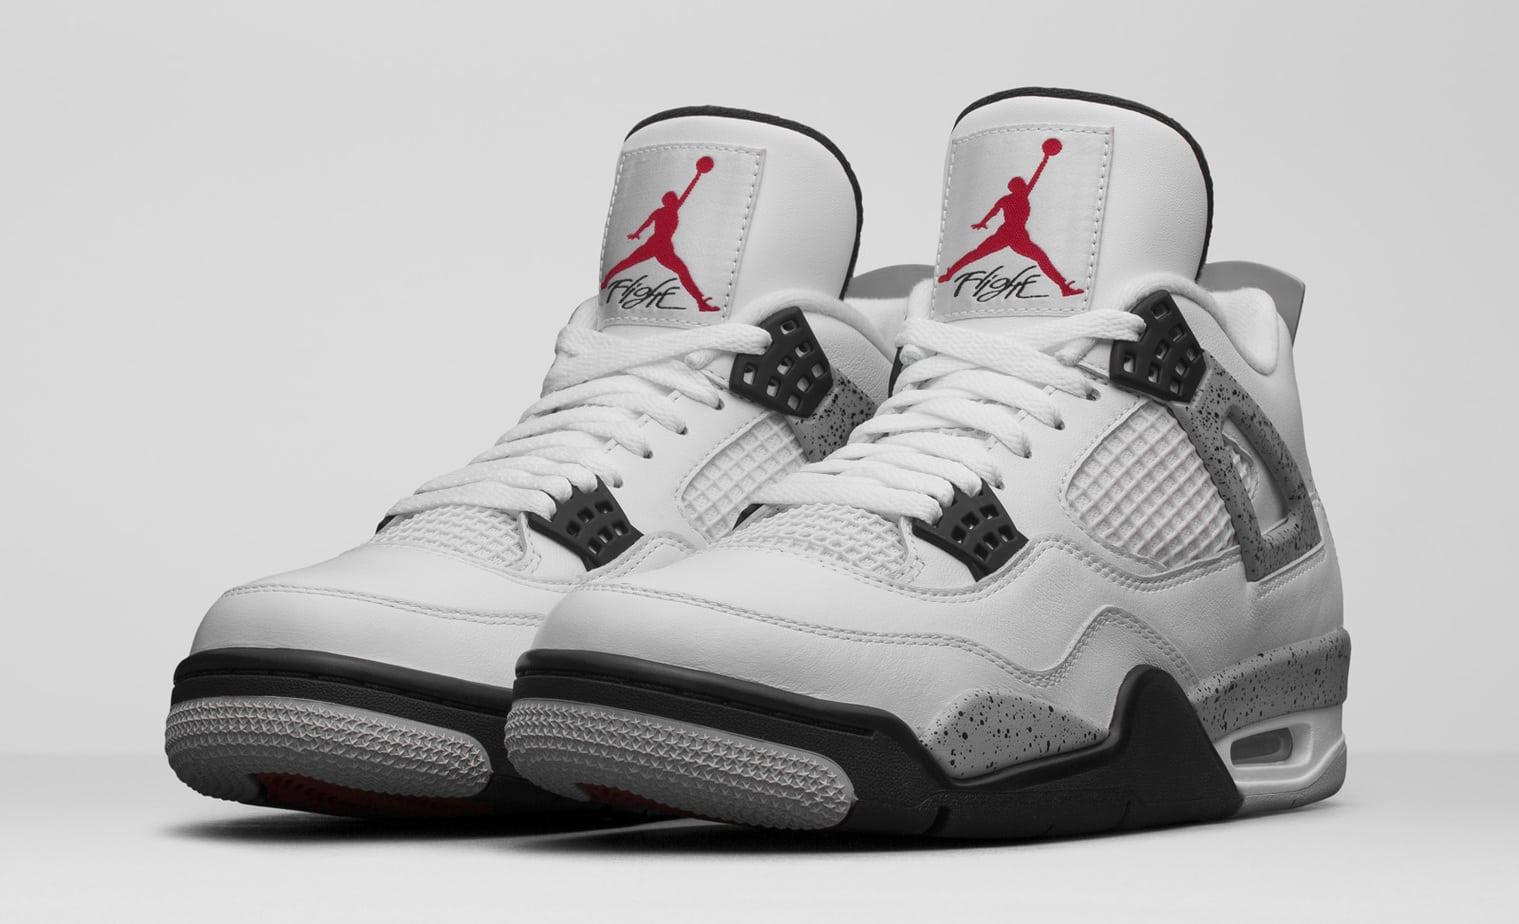 Air Jordan 4 De Ciment Blanc Prix 2016